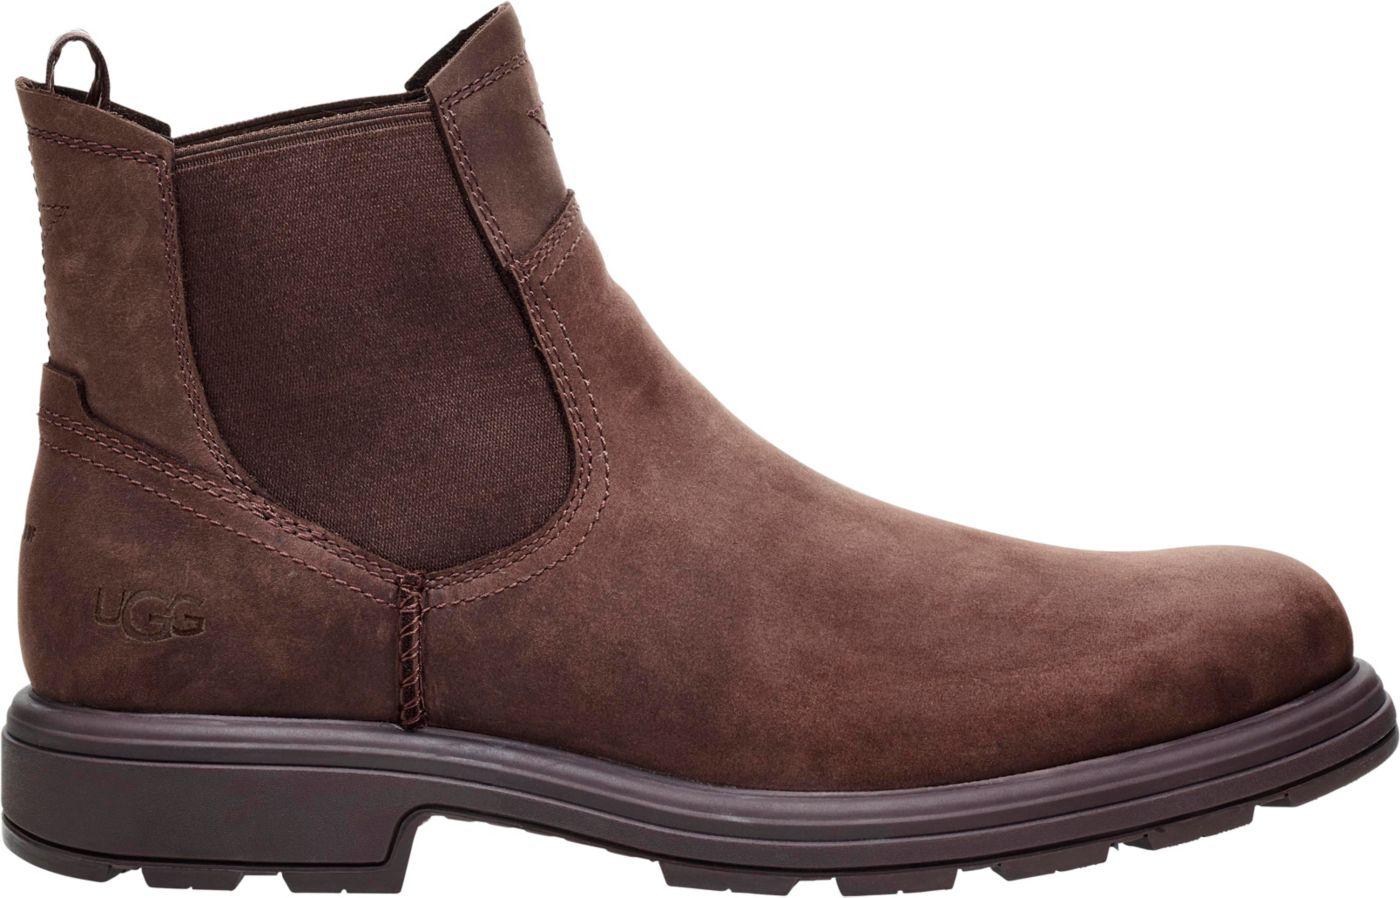 UGG Men's Biltmore Chelsea Waterproof Winter Boots